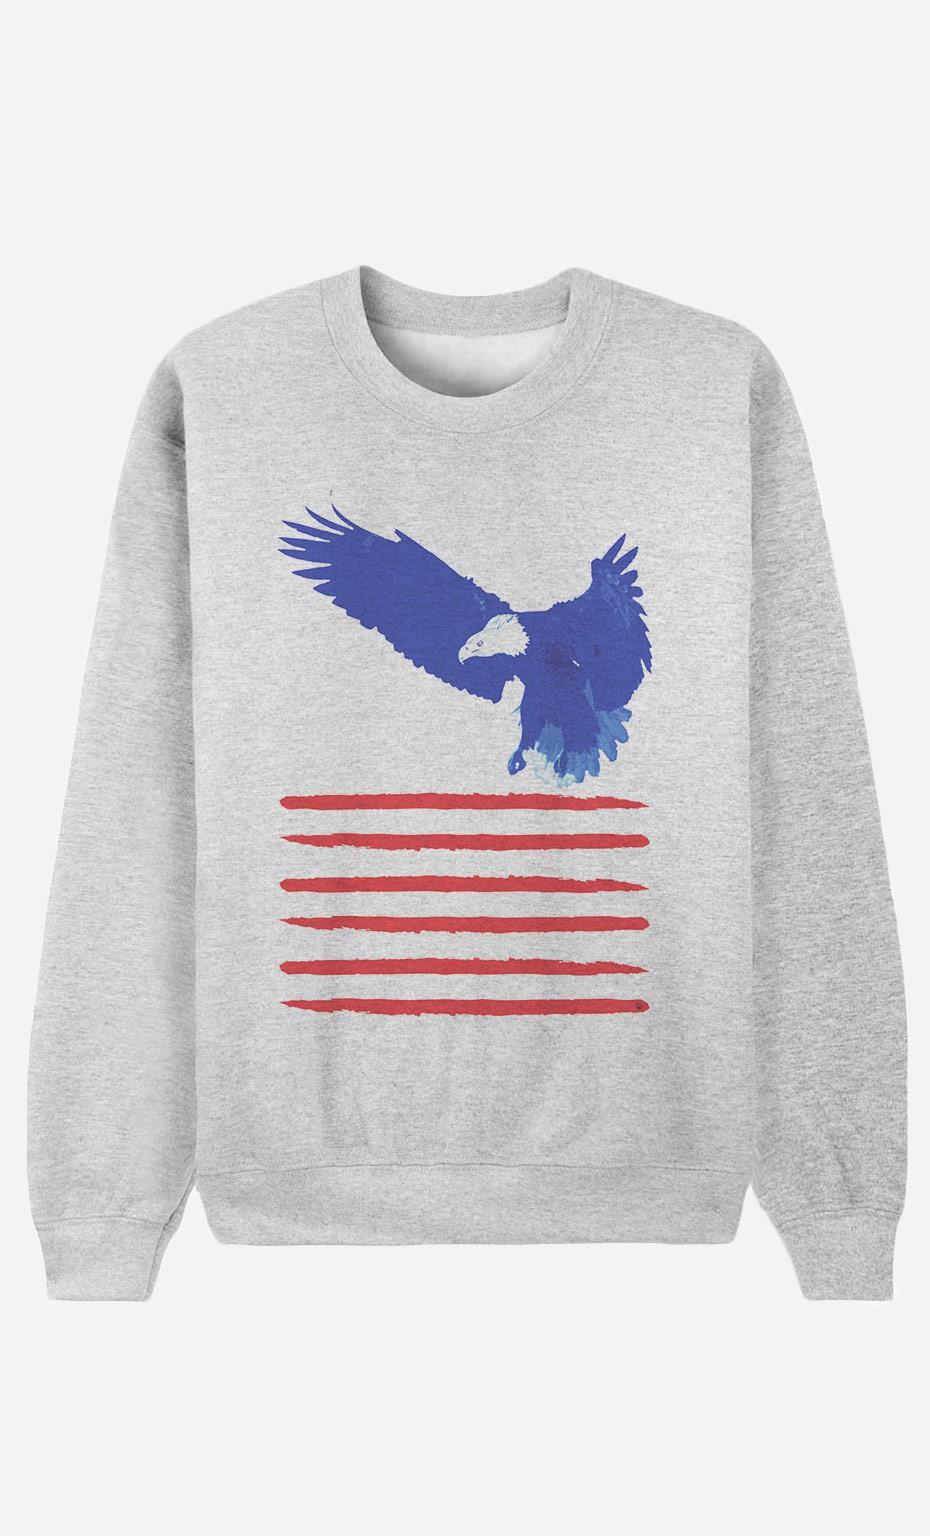 Sweatshirt Flying The Flag